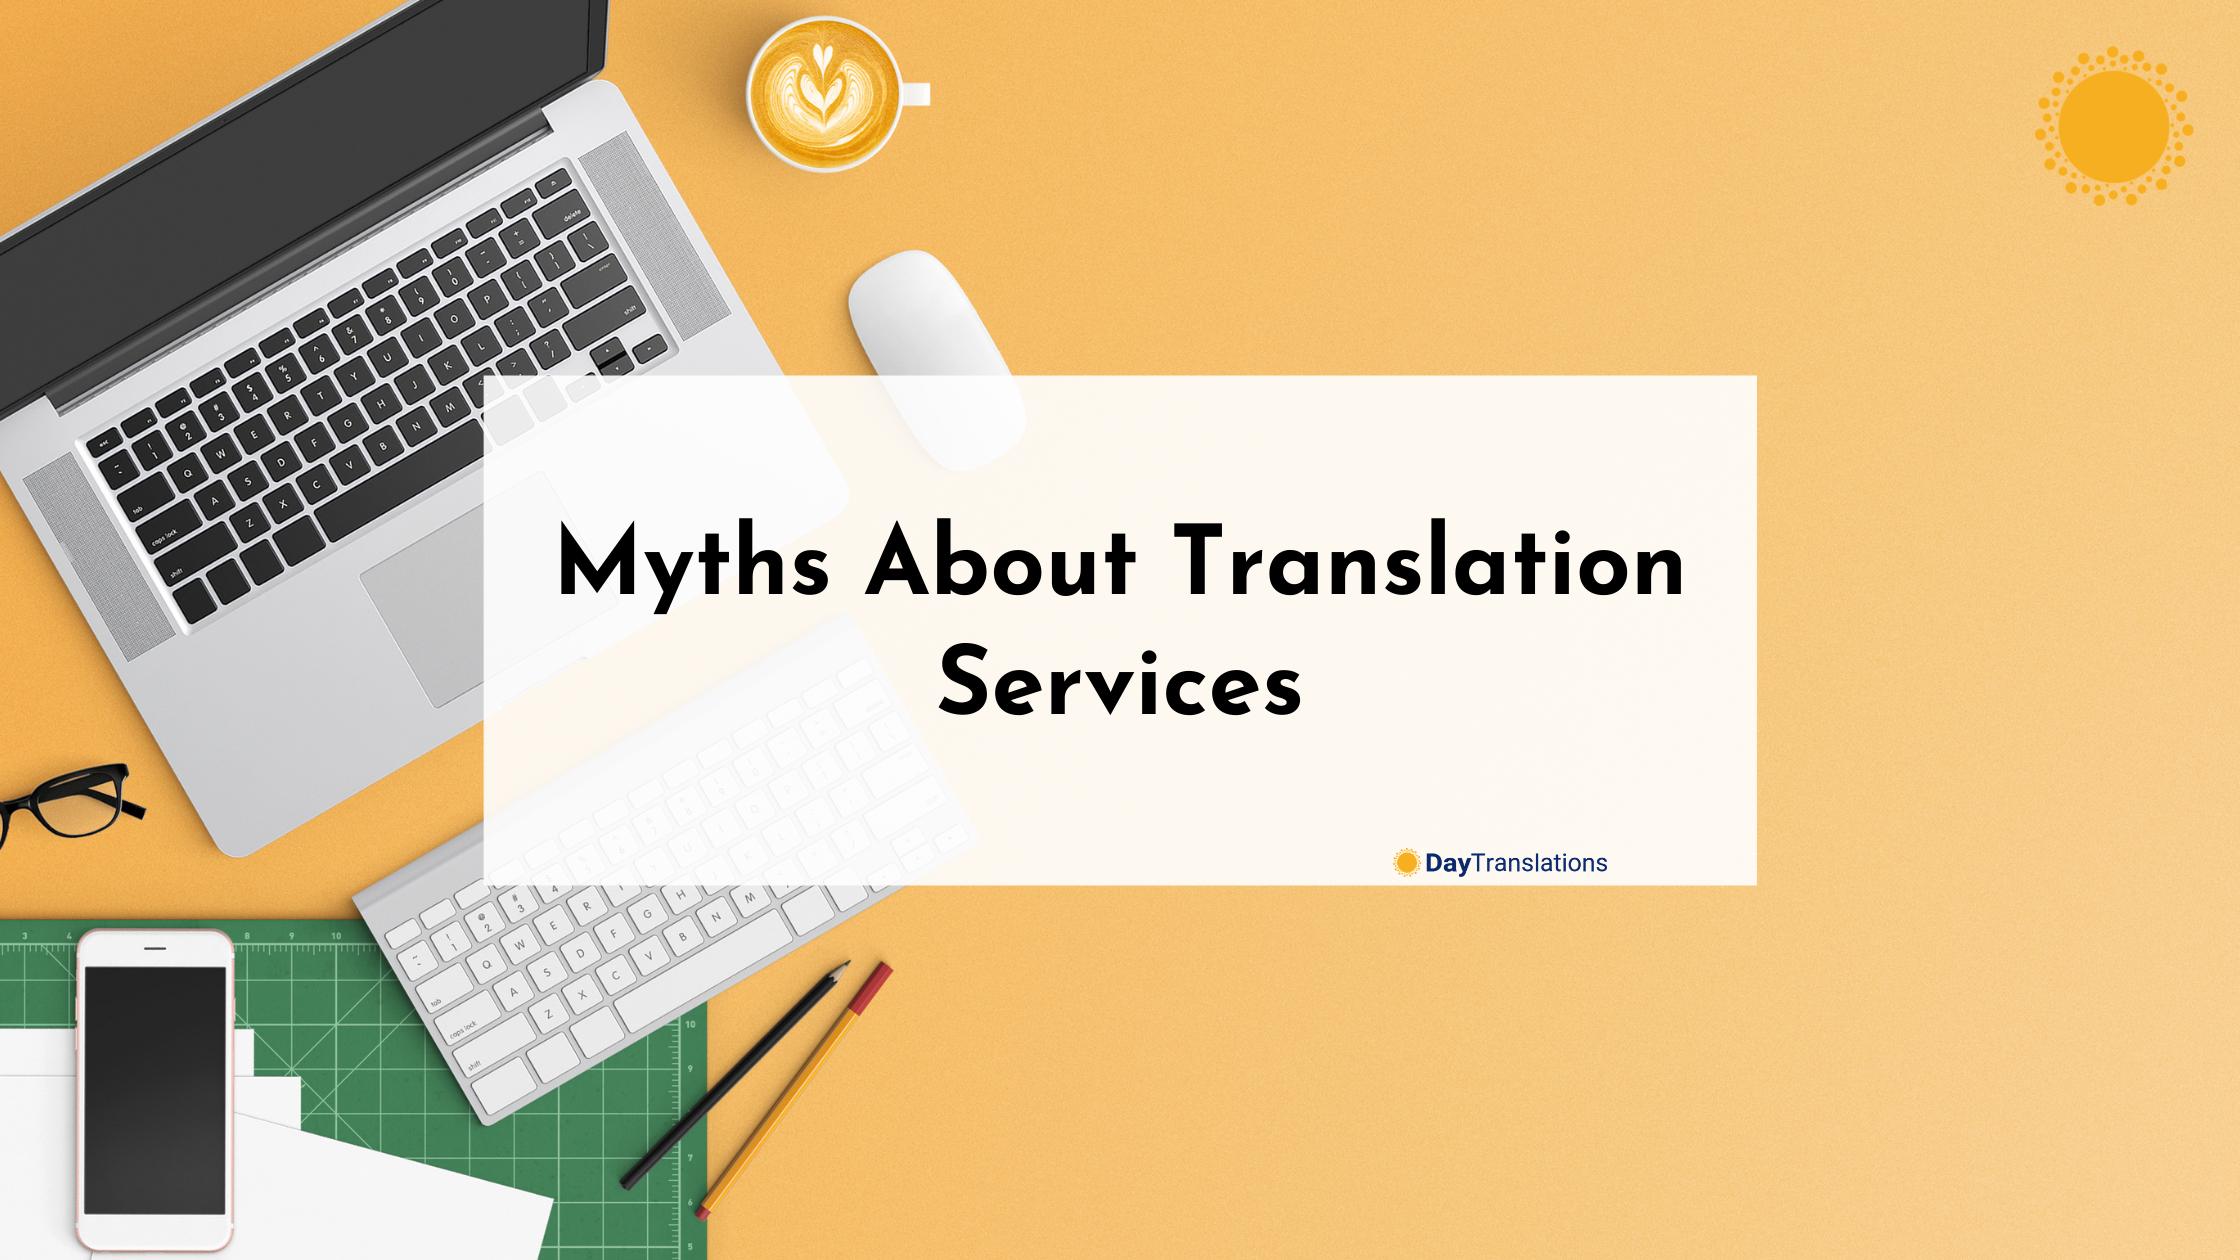 Myths About Translation Services